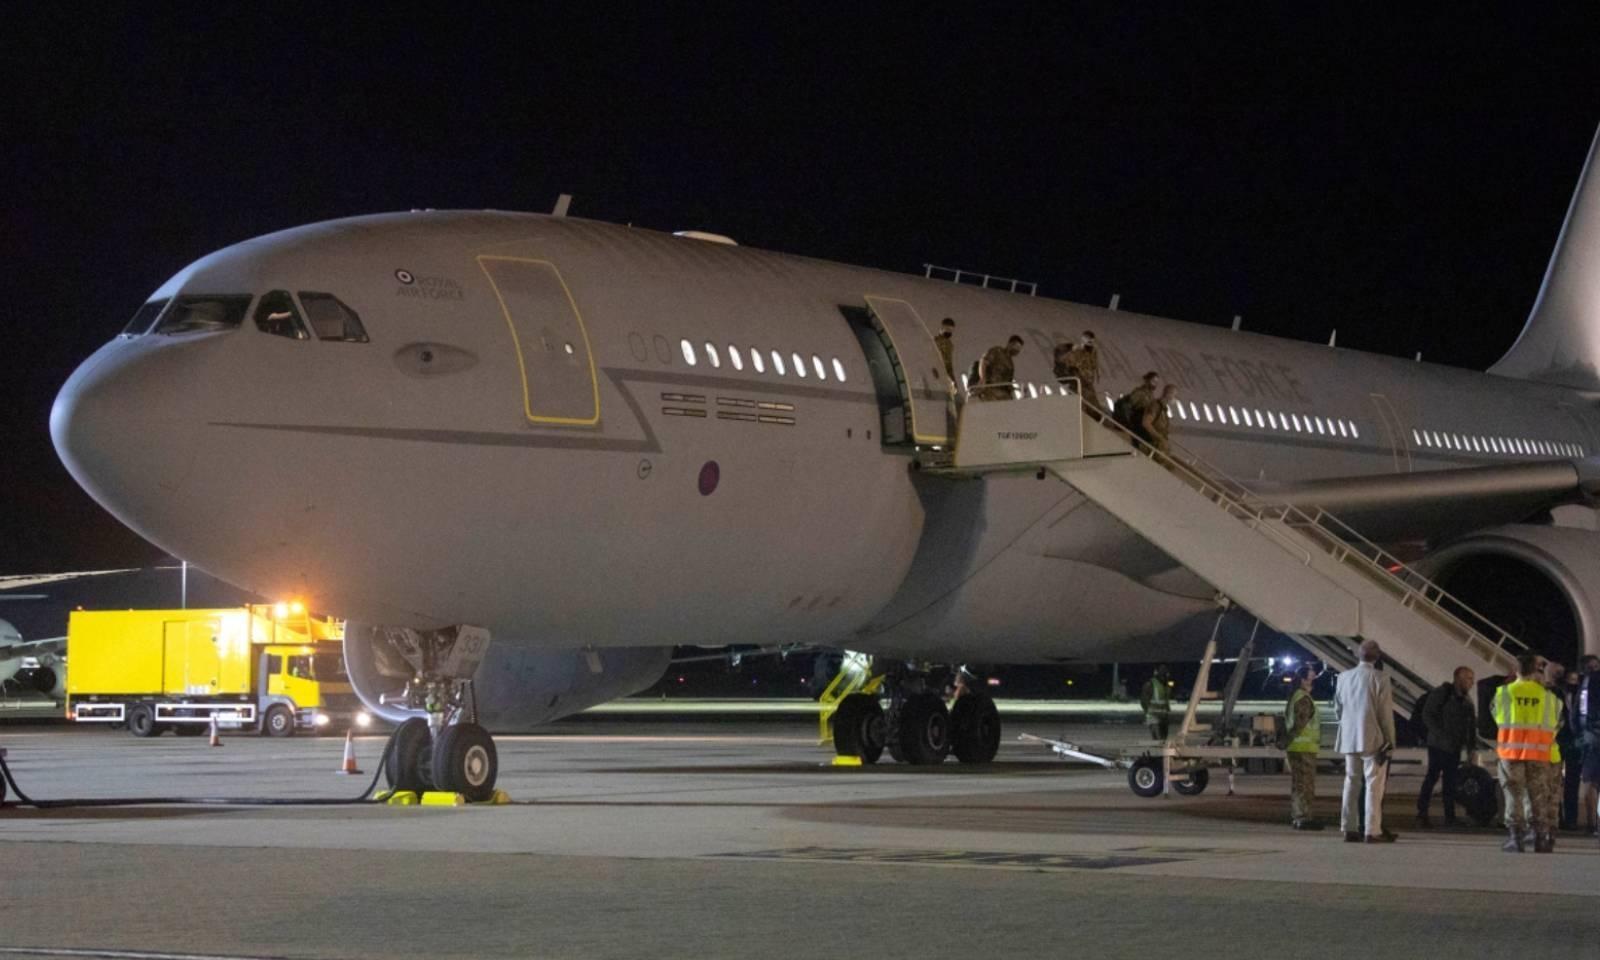 برطانیہ کے سفارتی عملے اور شہریوں کو لے کر پہلی پرواز انگلیںڈ پہنچ گئی — فوٹو: اے ایف پی